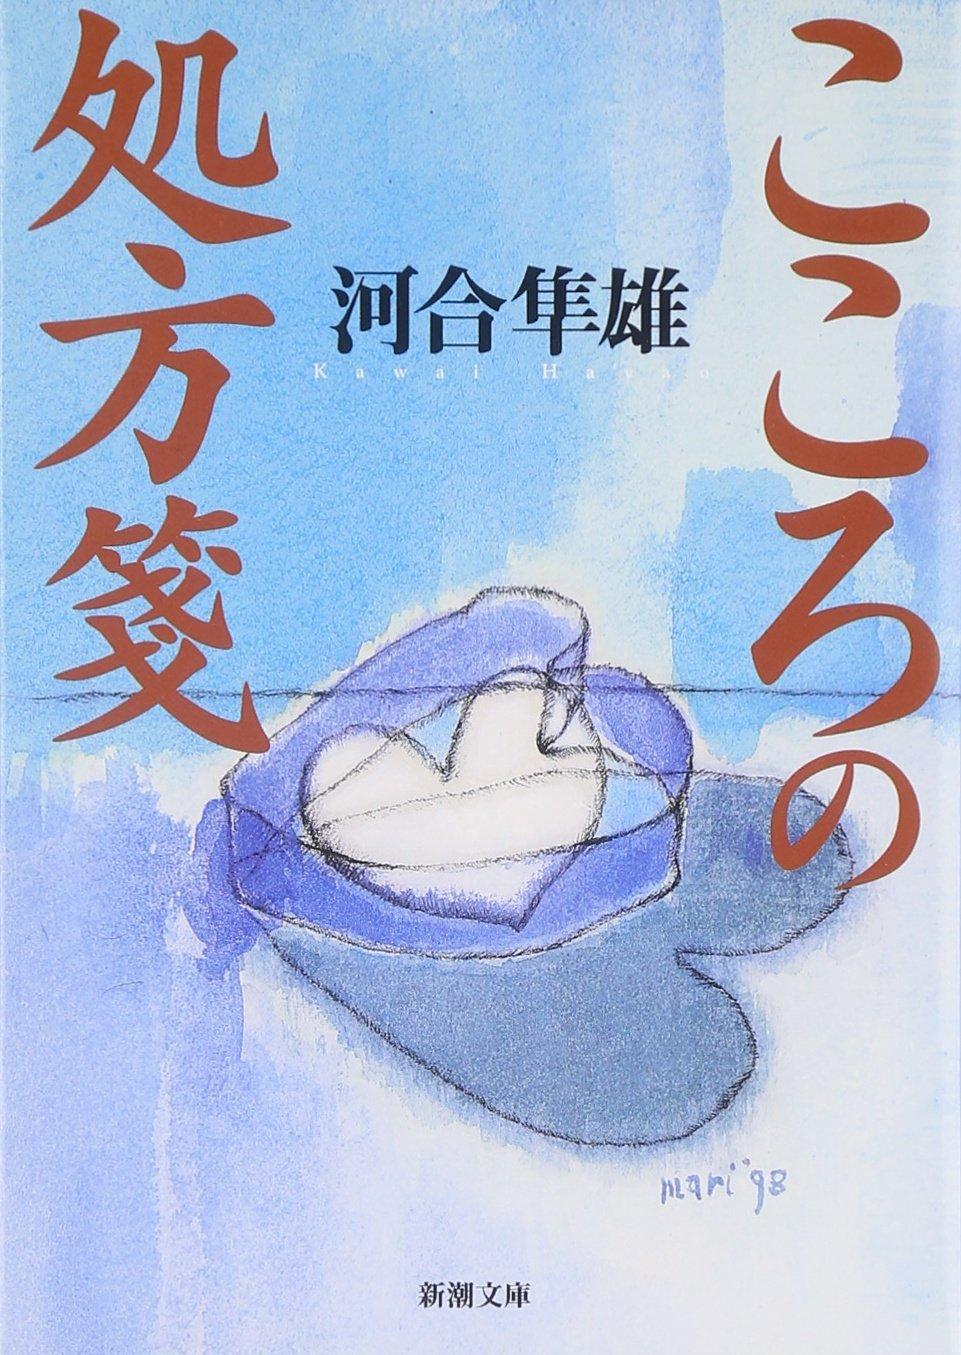 河合隼雄(1998)『こころの処方箋』新潮文庫